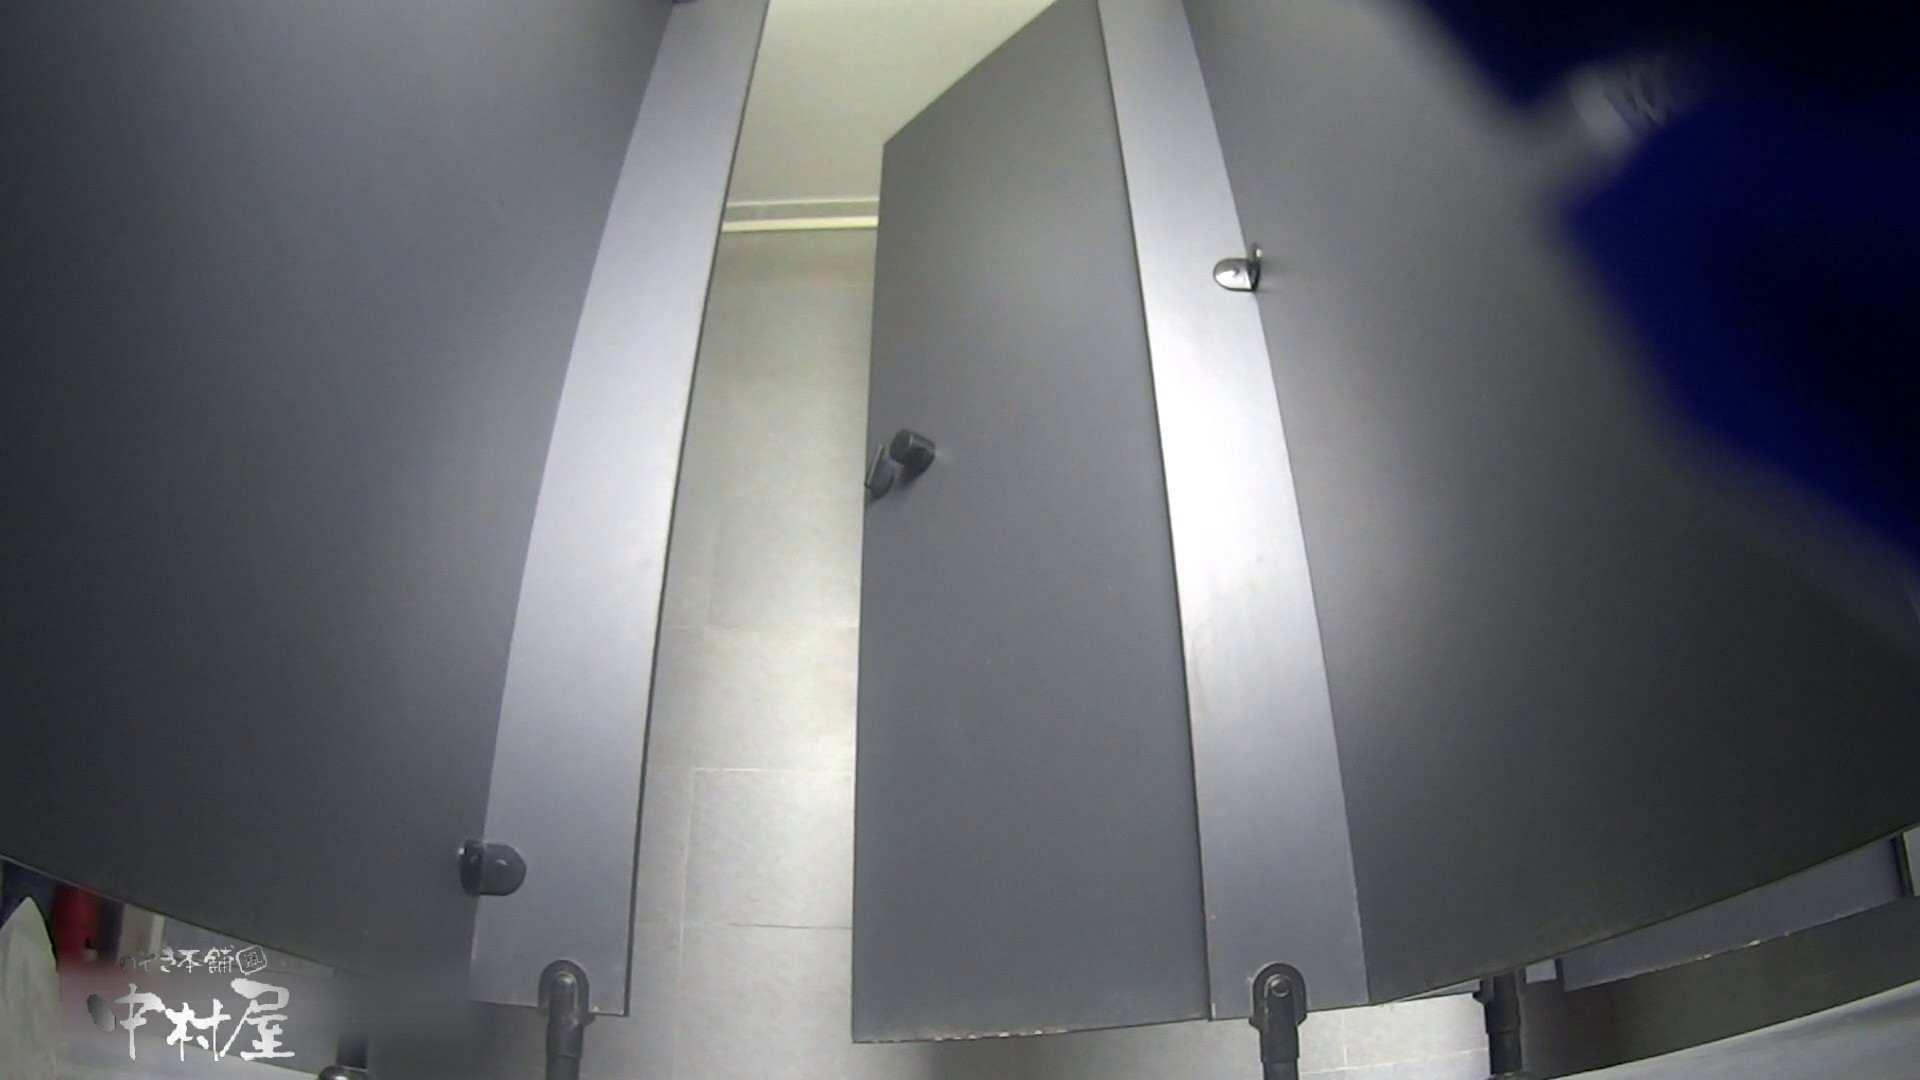 ツンデレお女市さんのトイレ事情 大学休憩時間の洗面所事情32 盗撮 セックス画像 90枚 47